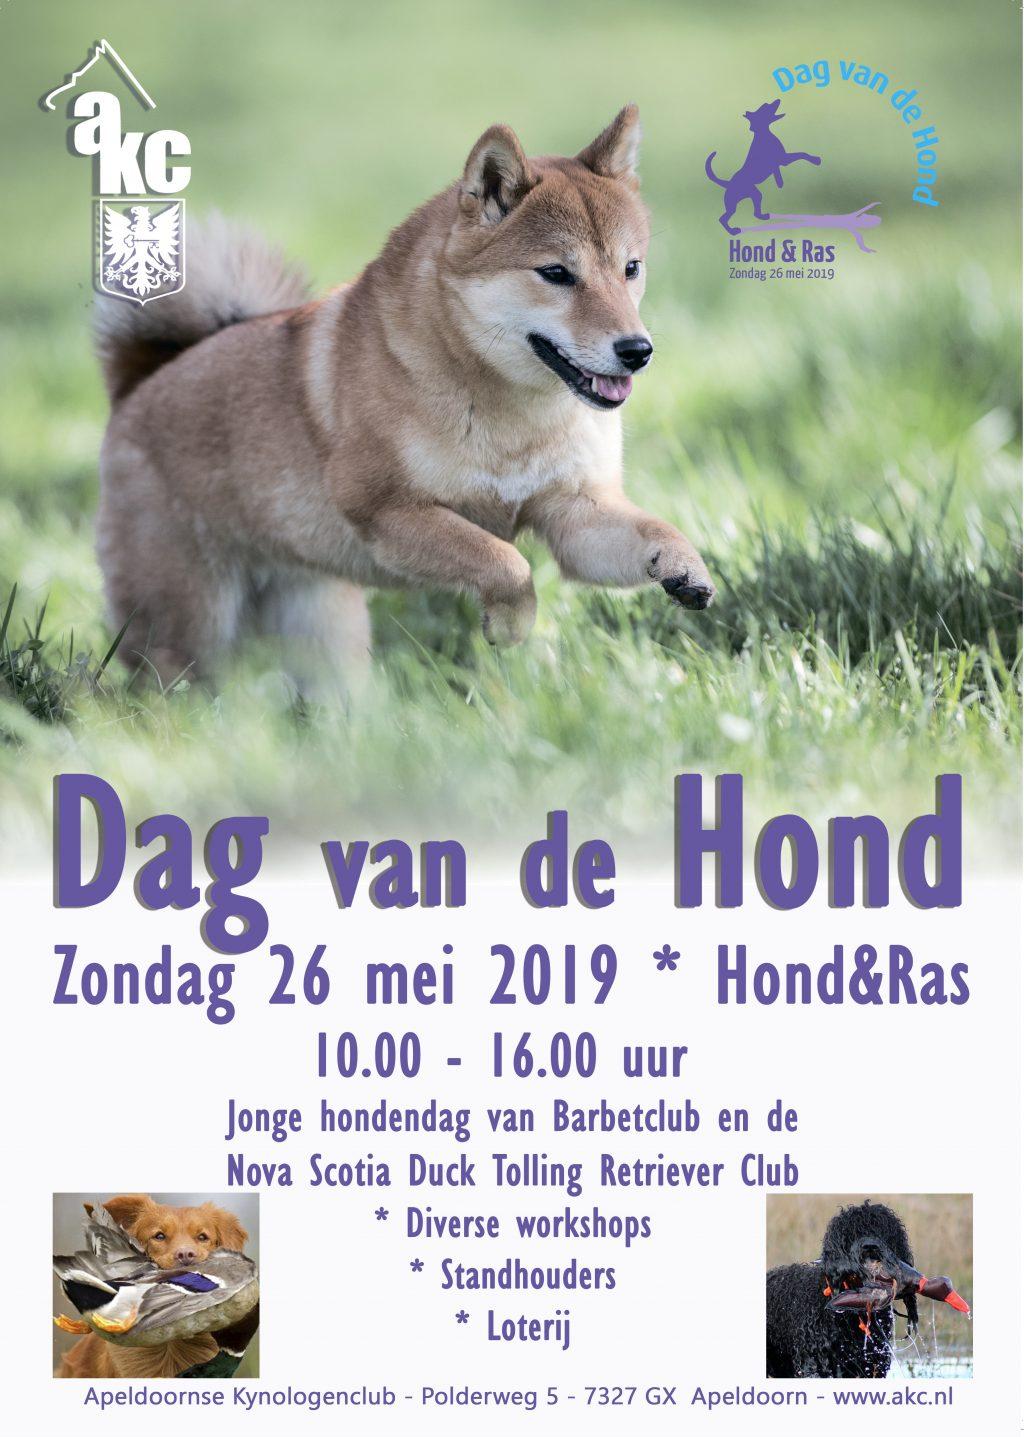 26 mei Dag van de Hond bij de AKC